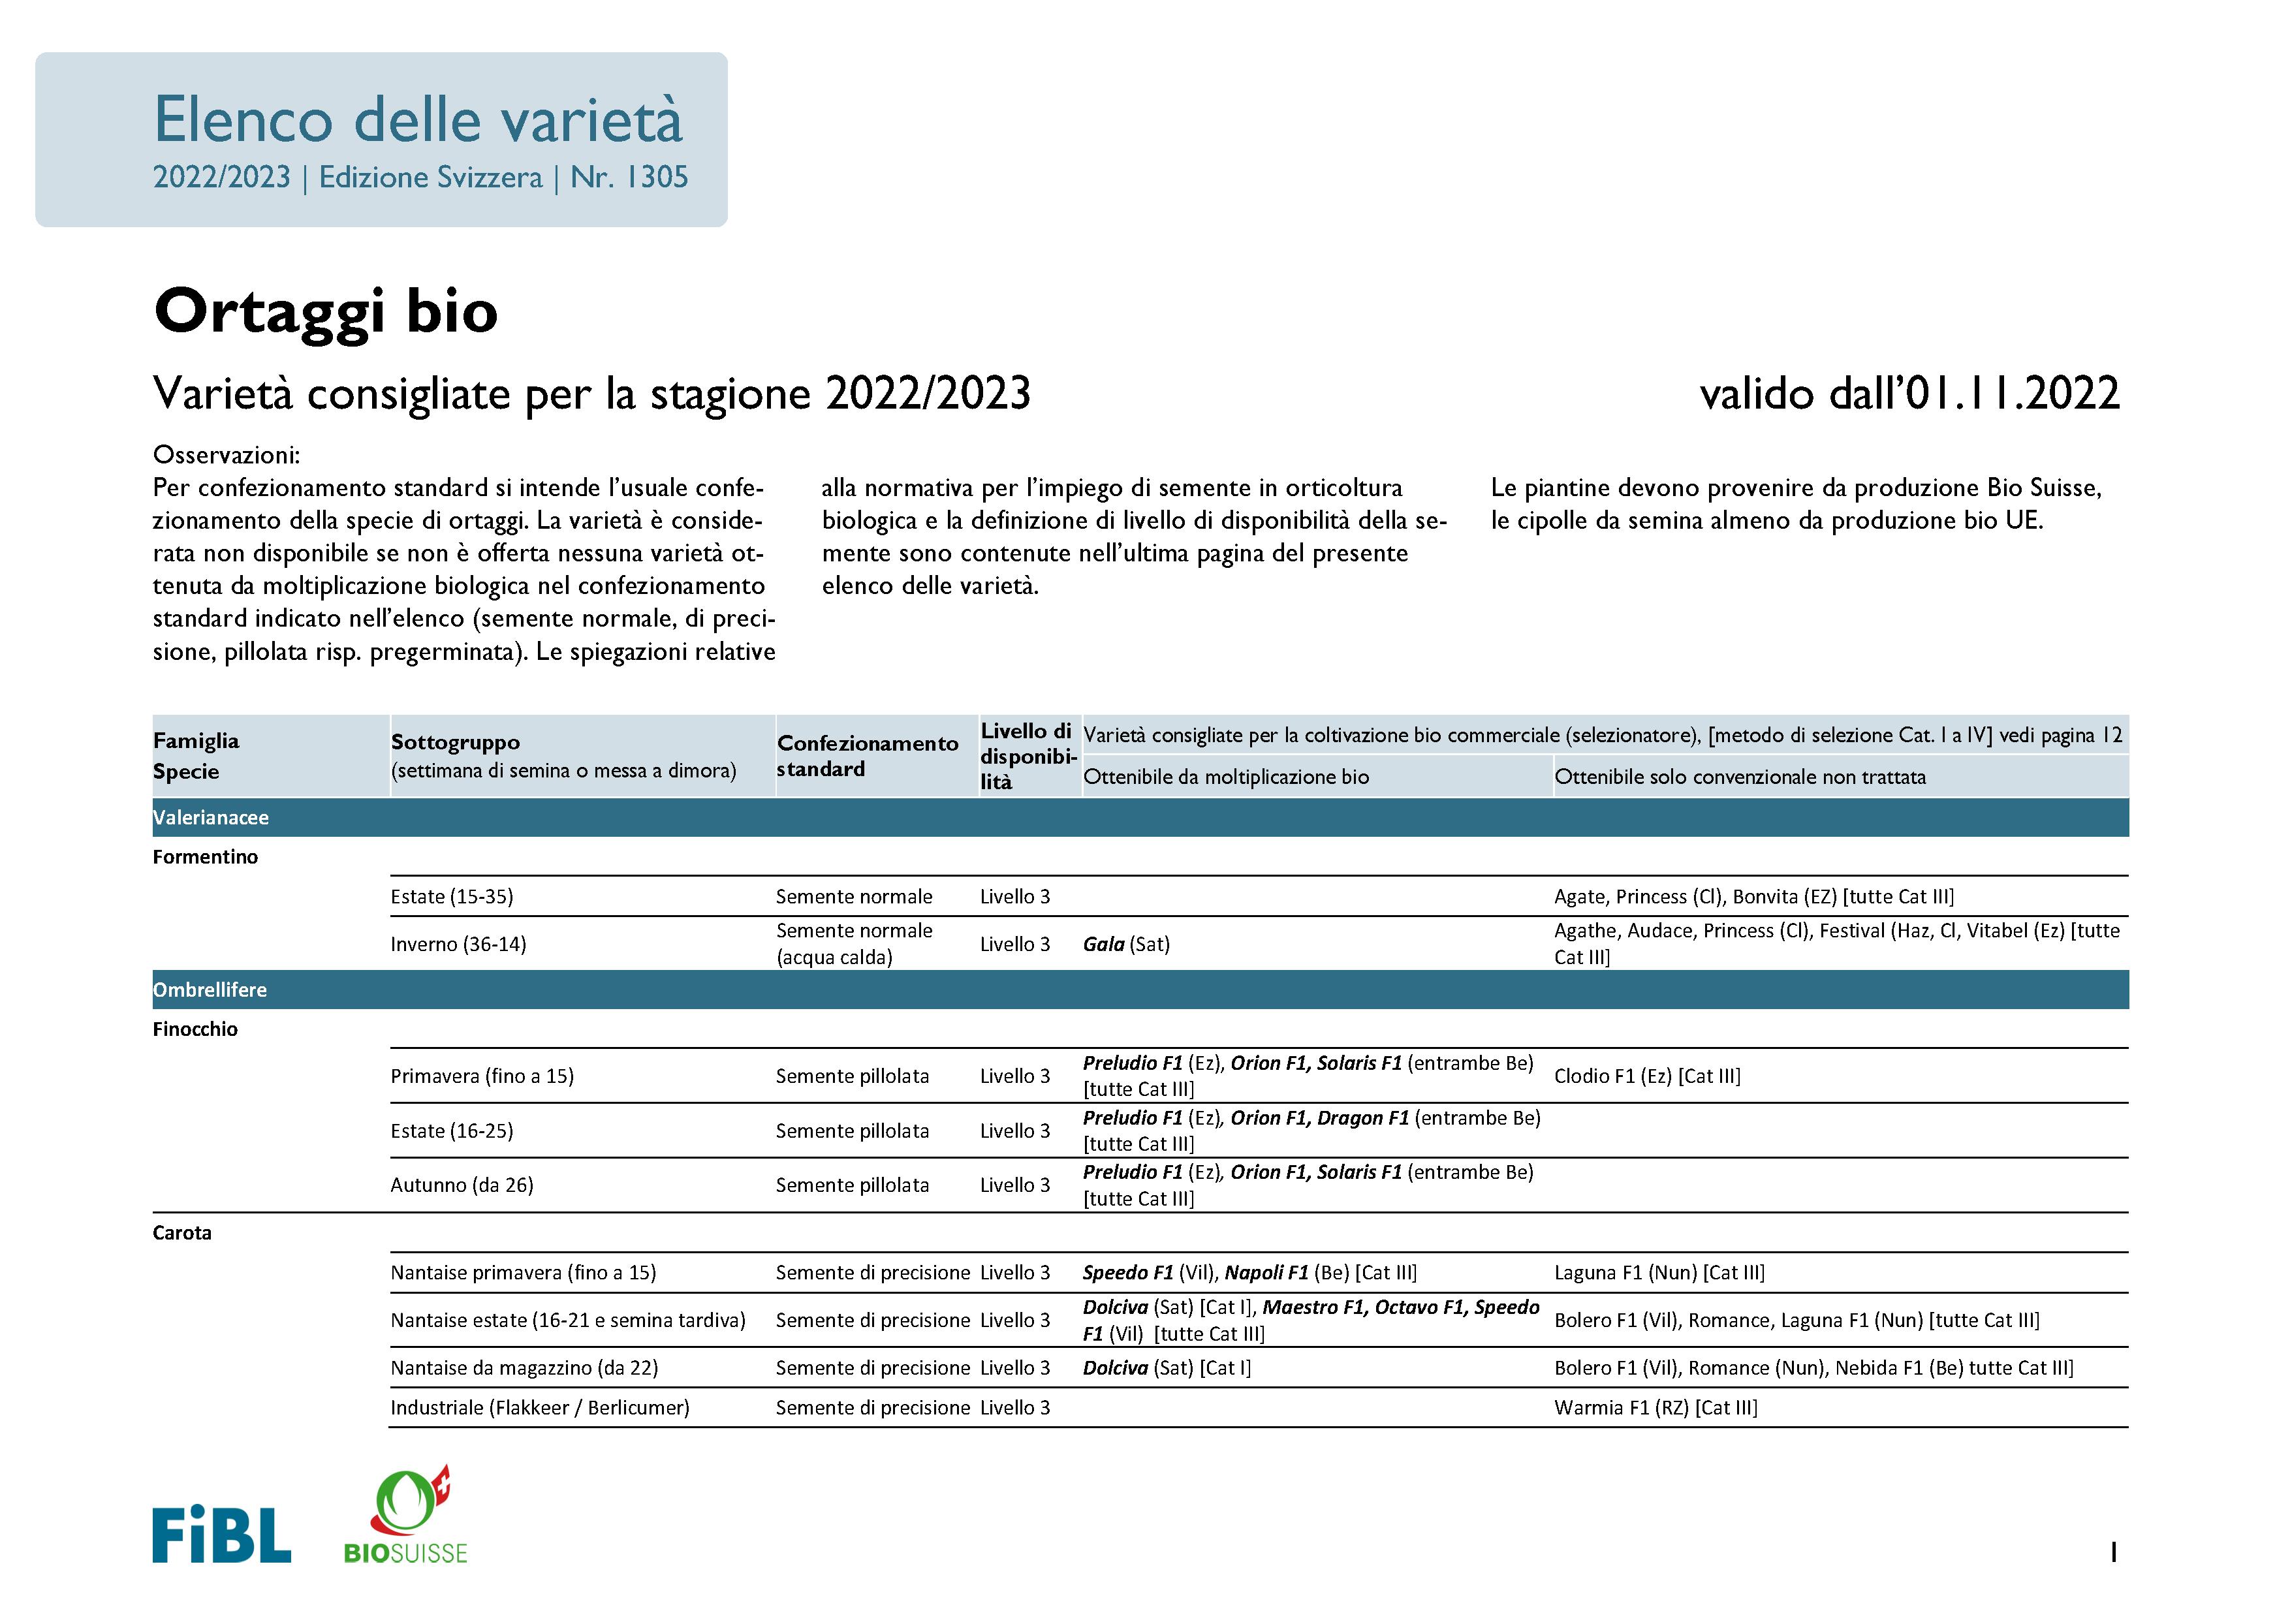 Elenco delle varietà di ortaggi bio